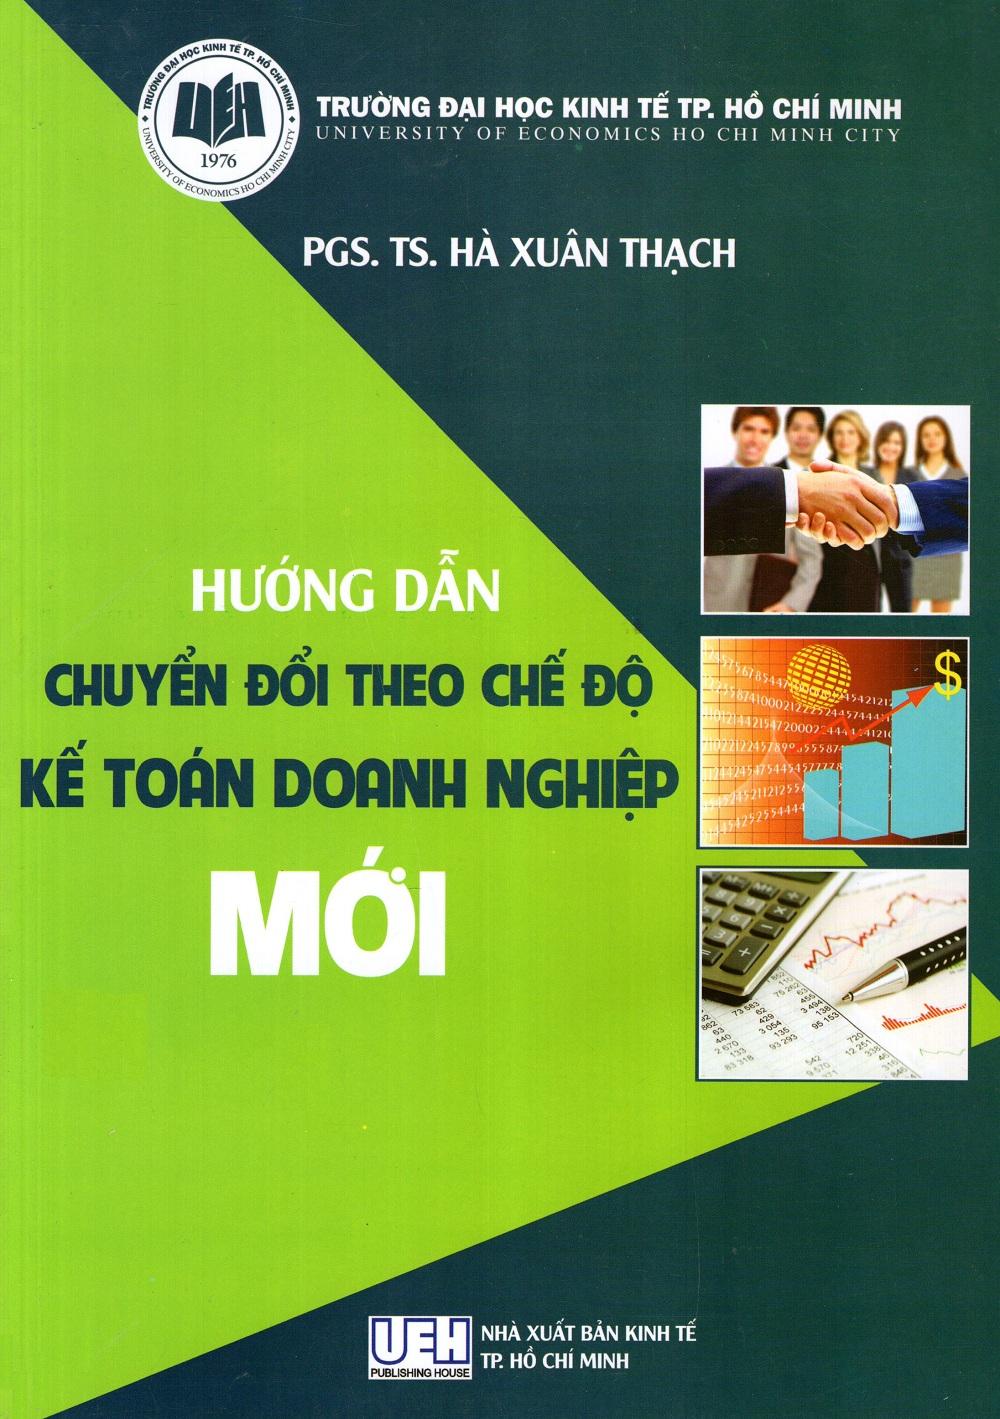 Hướng Dẫn Chuyển Đổi Theo Chế Độ Kế Toán Doanh Nghiệp Mới - 3107066776591,62_260455,79000,tiki.vn,Huong-Dan-Chuyen-Doi-Theo-Che-Do-Ke-Toan-Doanh-Nghiep-Moi-62_260455,Hướng Dẫn Chuyển Đổi Theo Chế Độ Kế Toán Doanh Nghiệp Mới